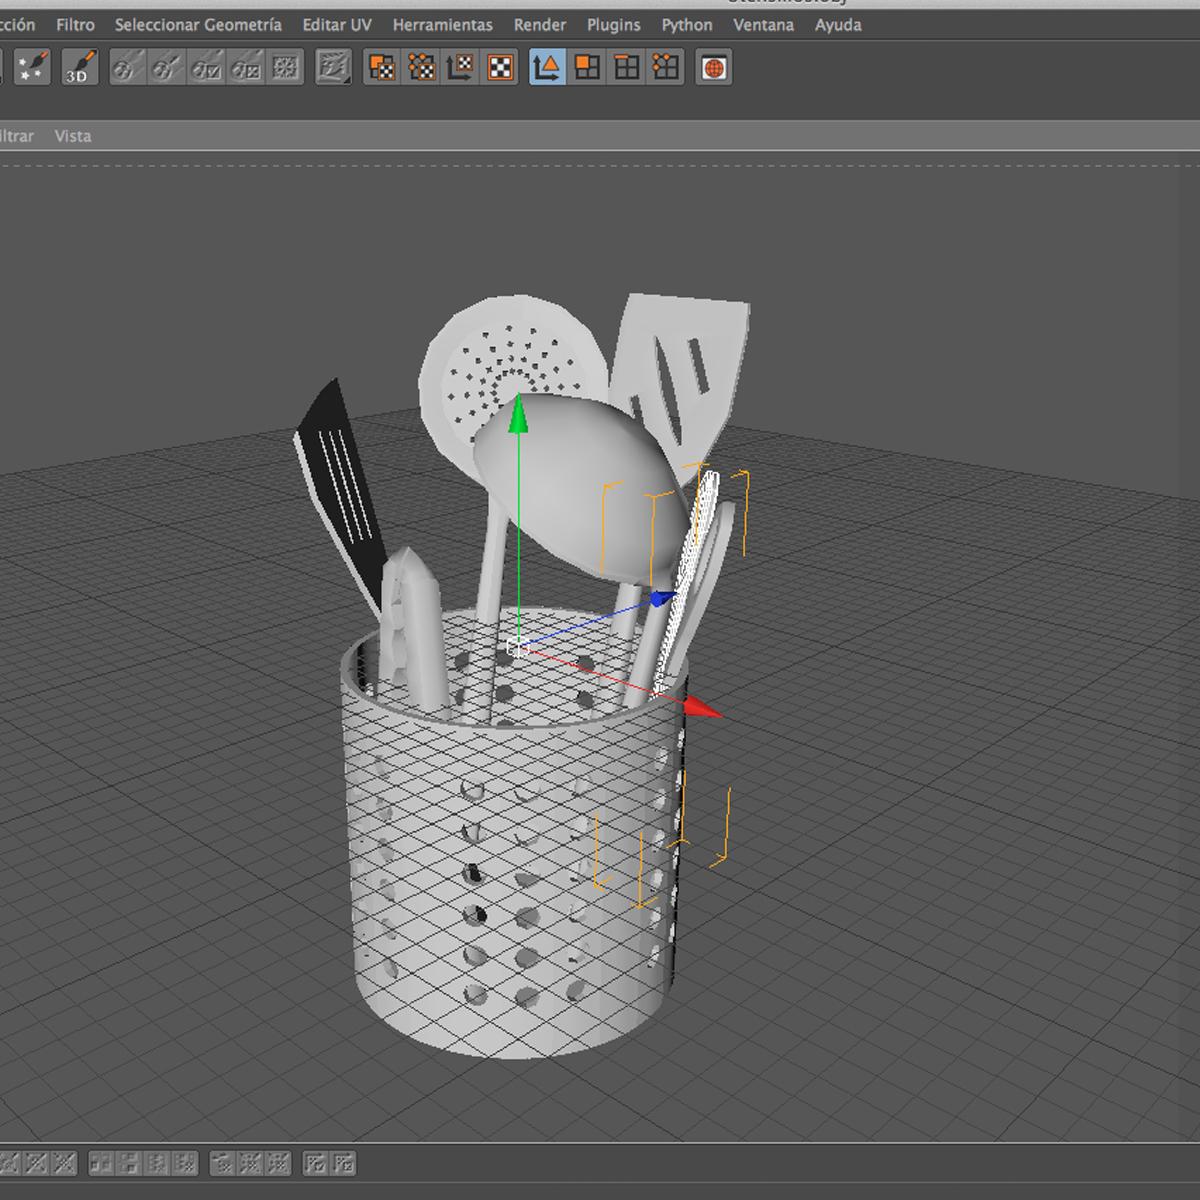 kitche utensils kit 3d model max fbx c4d ma mb obj 159303